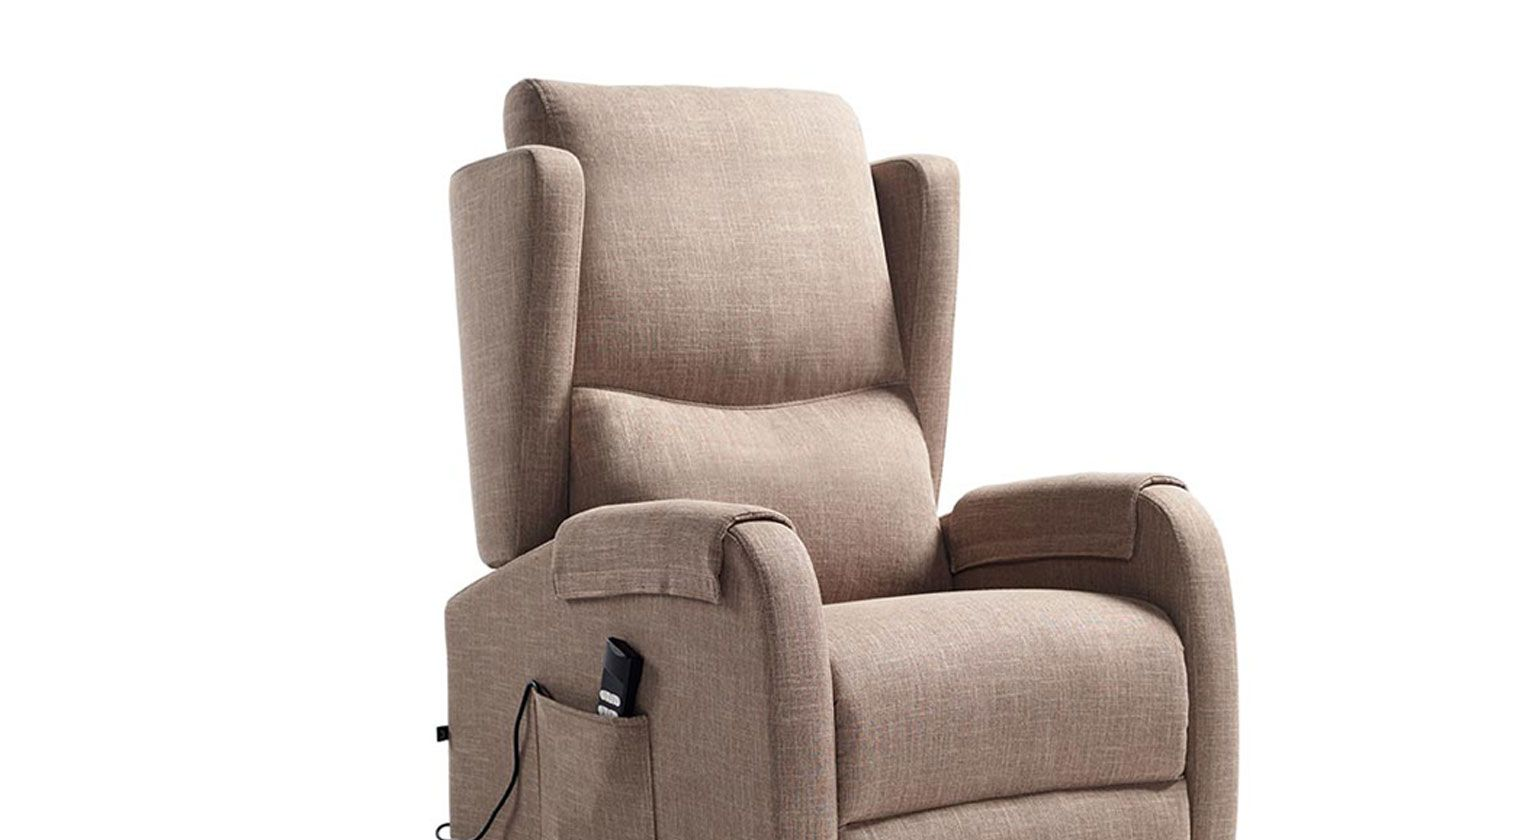 Comprar sof rinconera barcelona sofa rinconera microfibra for Sofas extensibles baratos